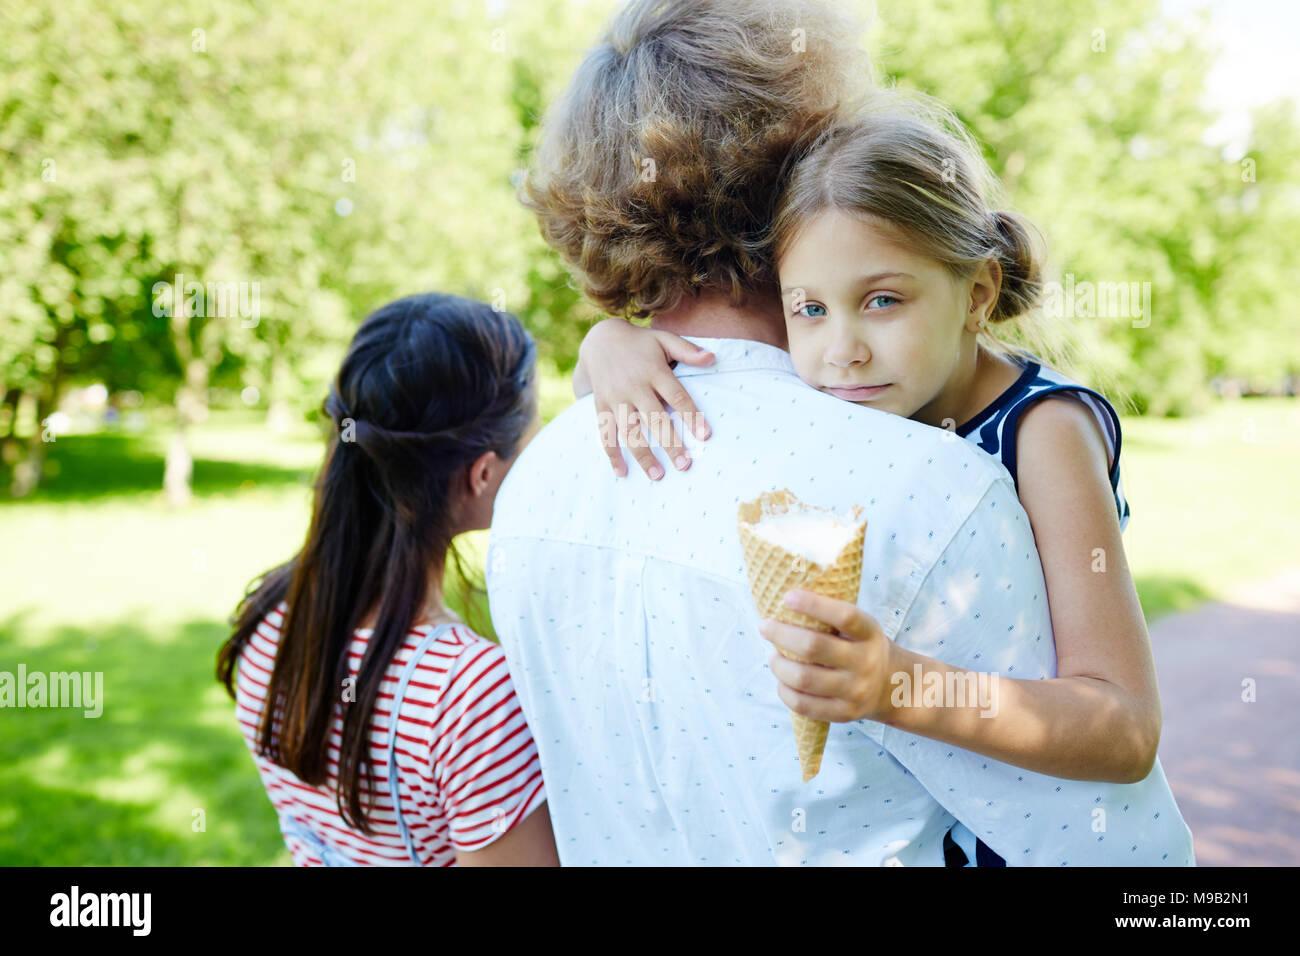 Sweet childhood - Stock Image